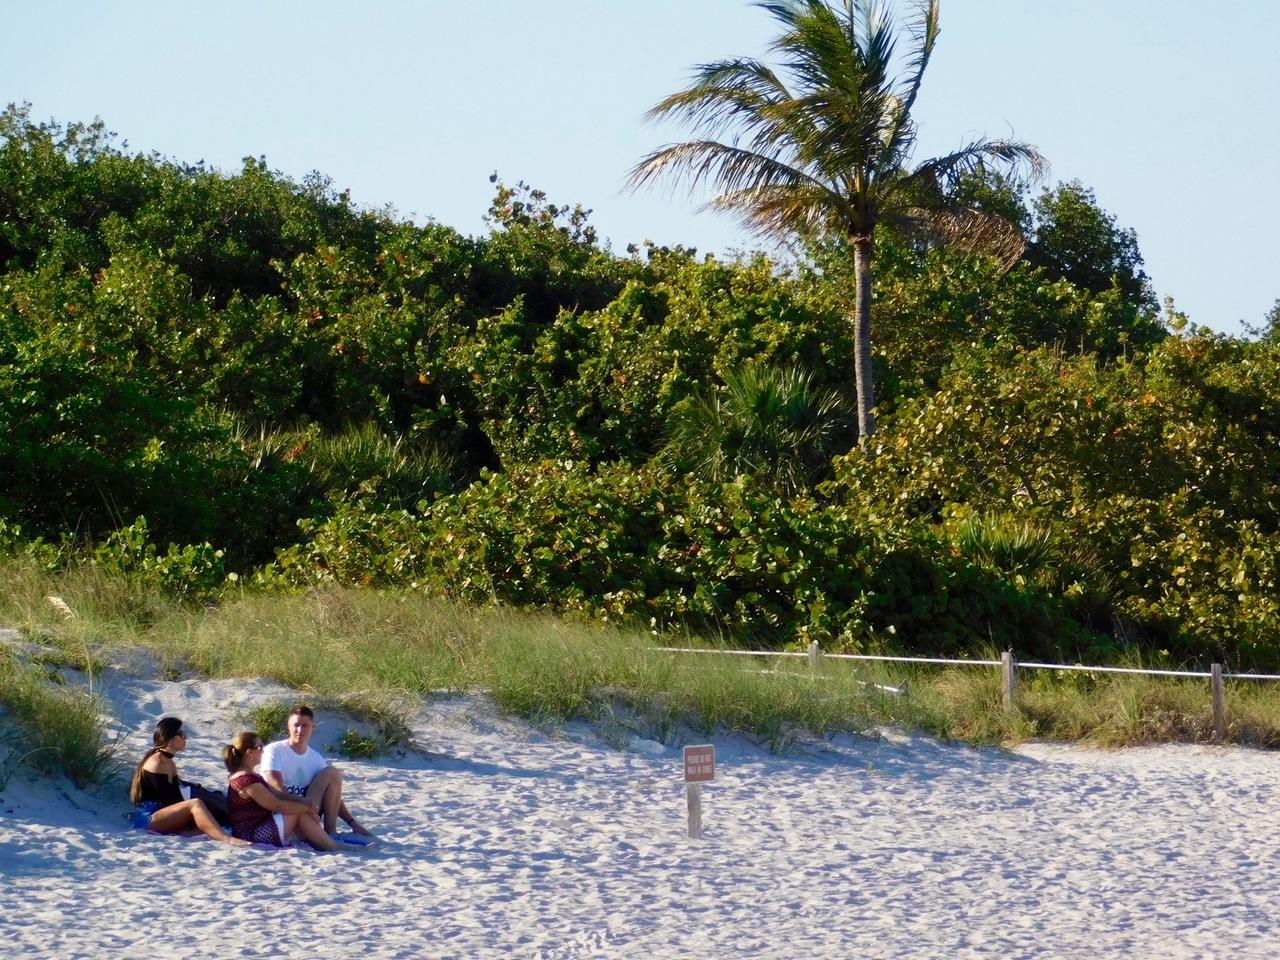 La plage de Cape Florida State Park, sur l'île de Key Biscayne (Miami en Floride)